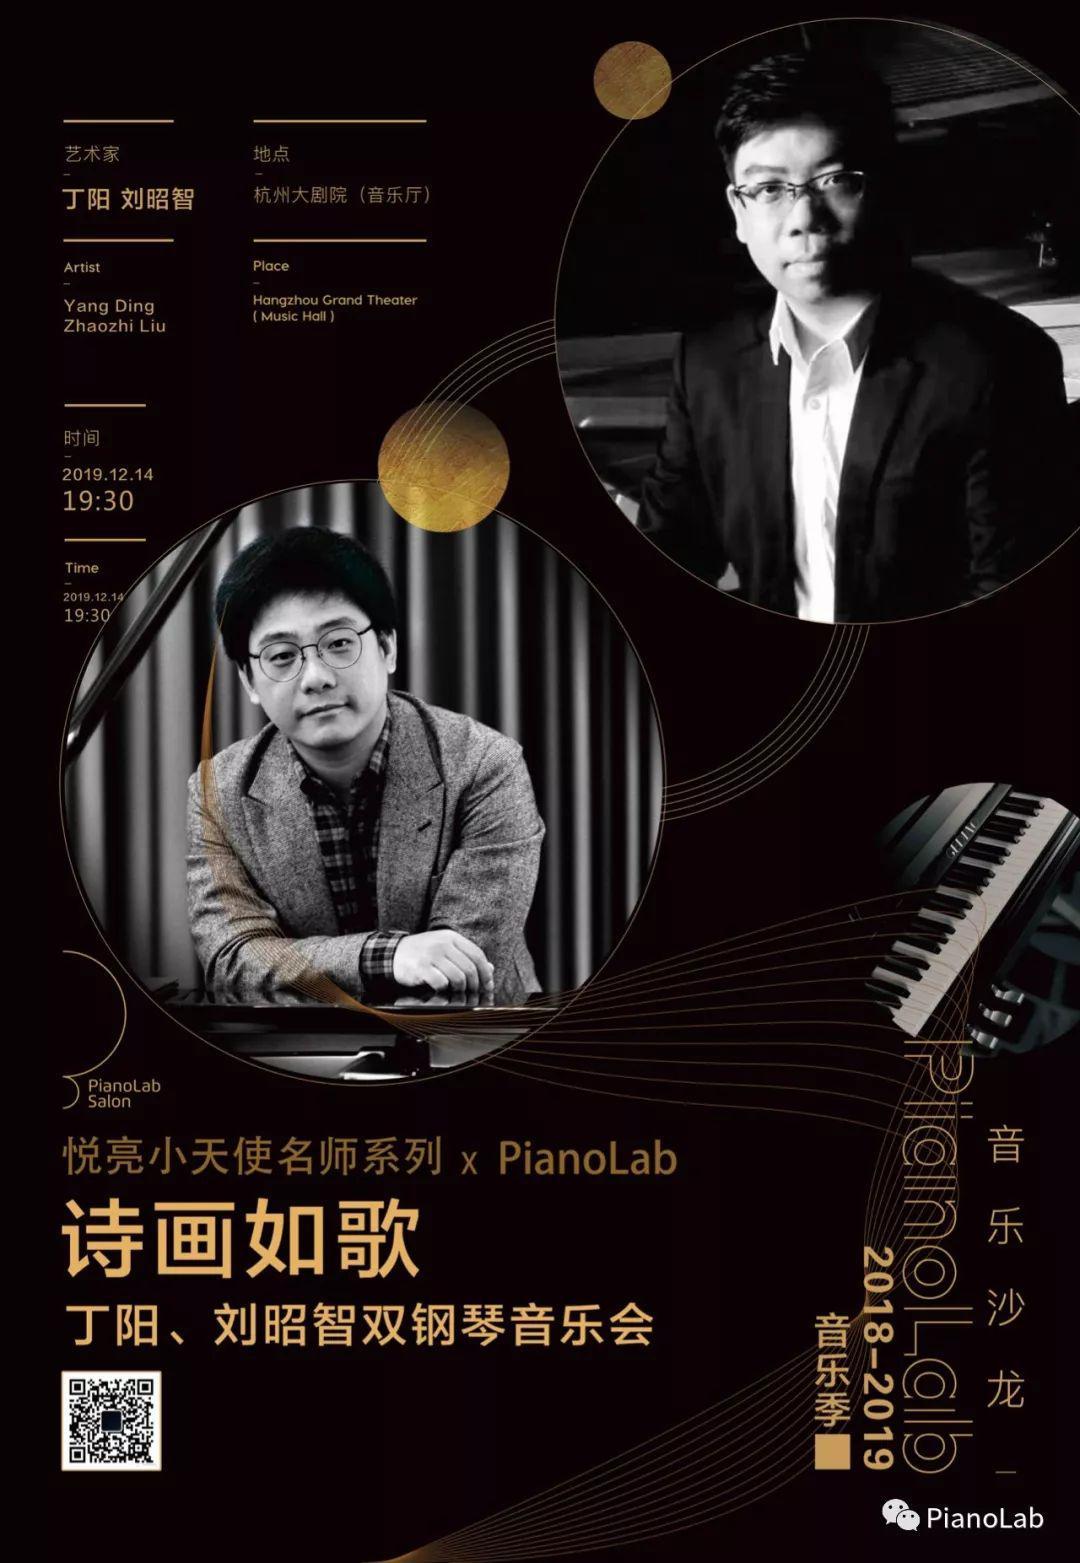 悦亮小天使名师系列XPianoLab诗画如歌――丁阳、刘昭智双钢琴音乐会